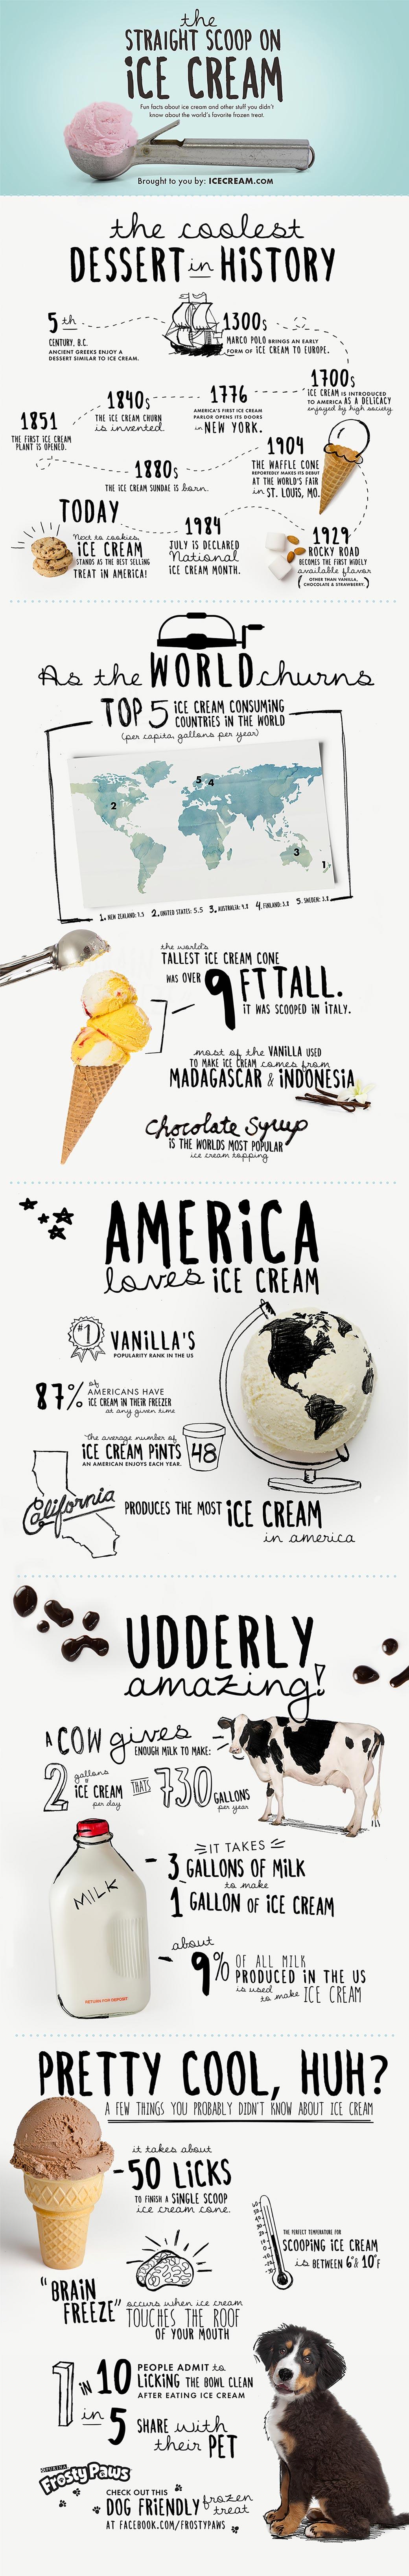 Ice cream infographic